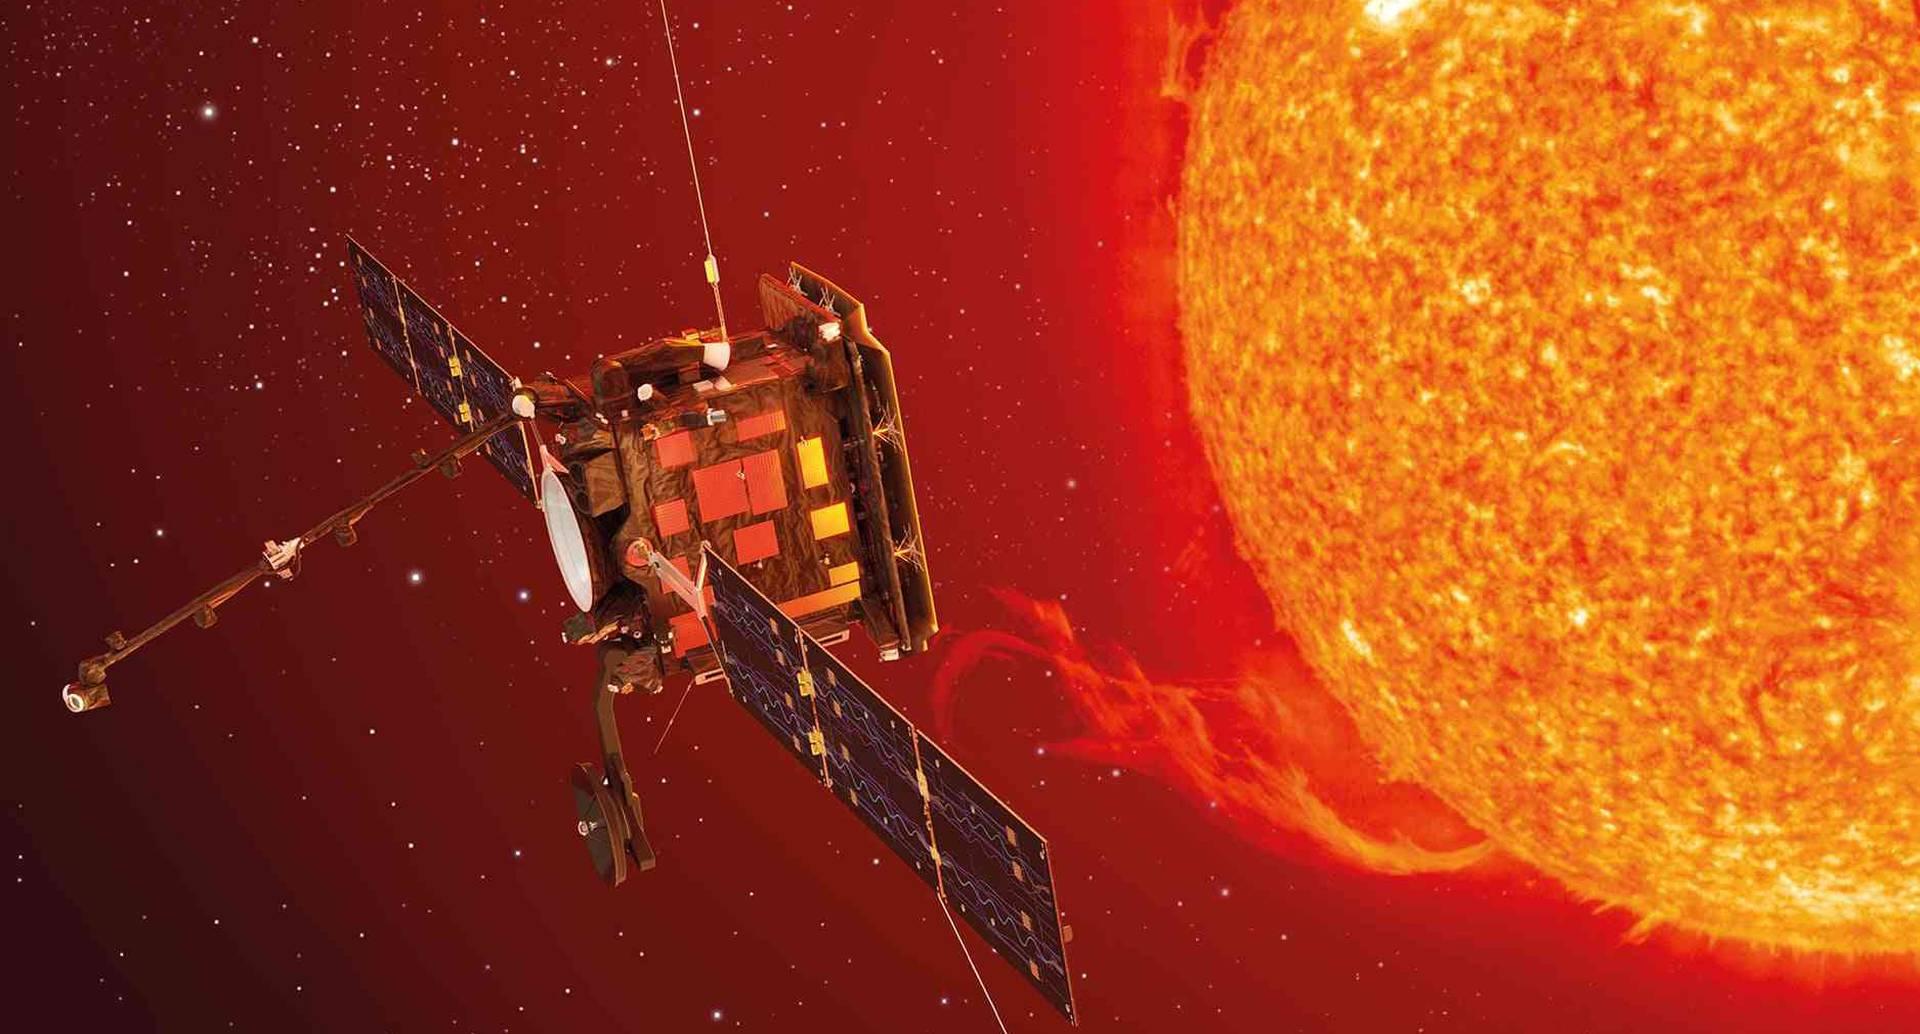 Científicos hallaron una extraña silueta que se arrastraba en la superficie de la estrella.